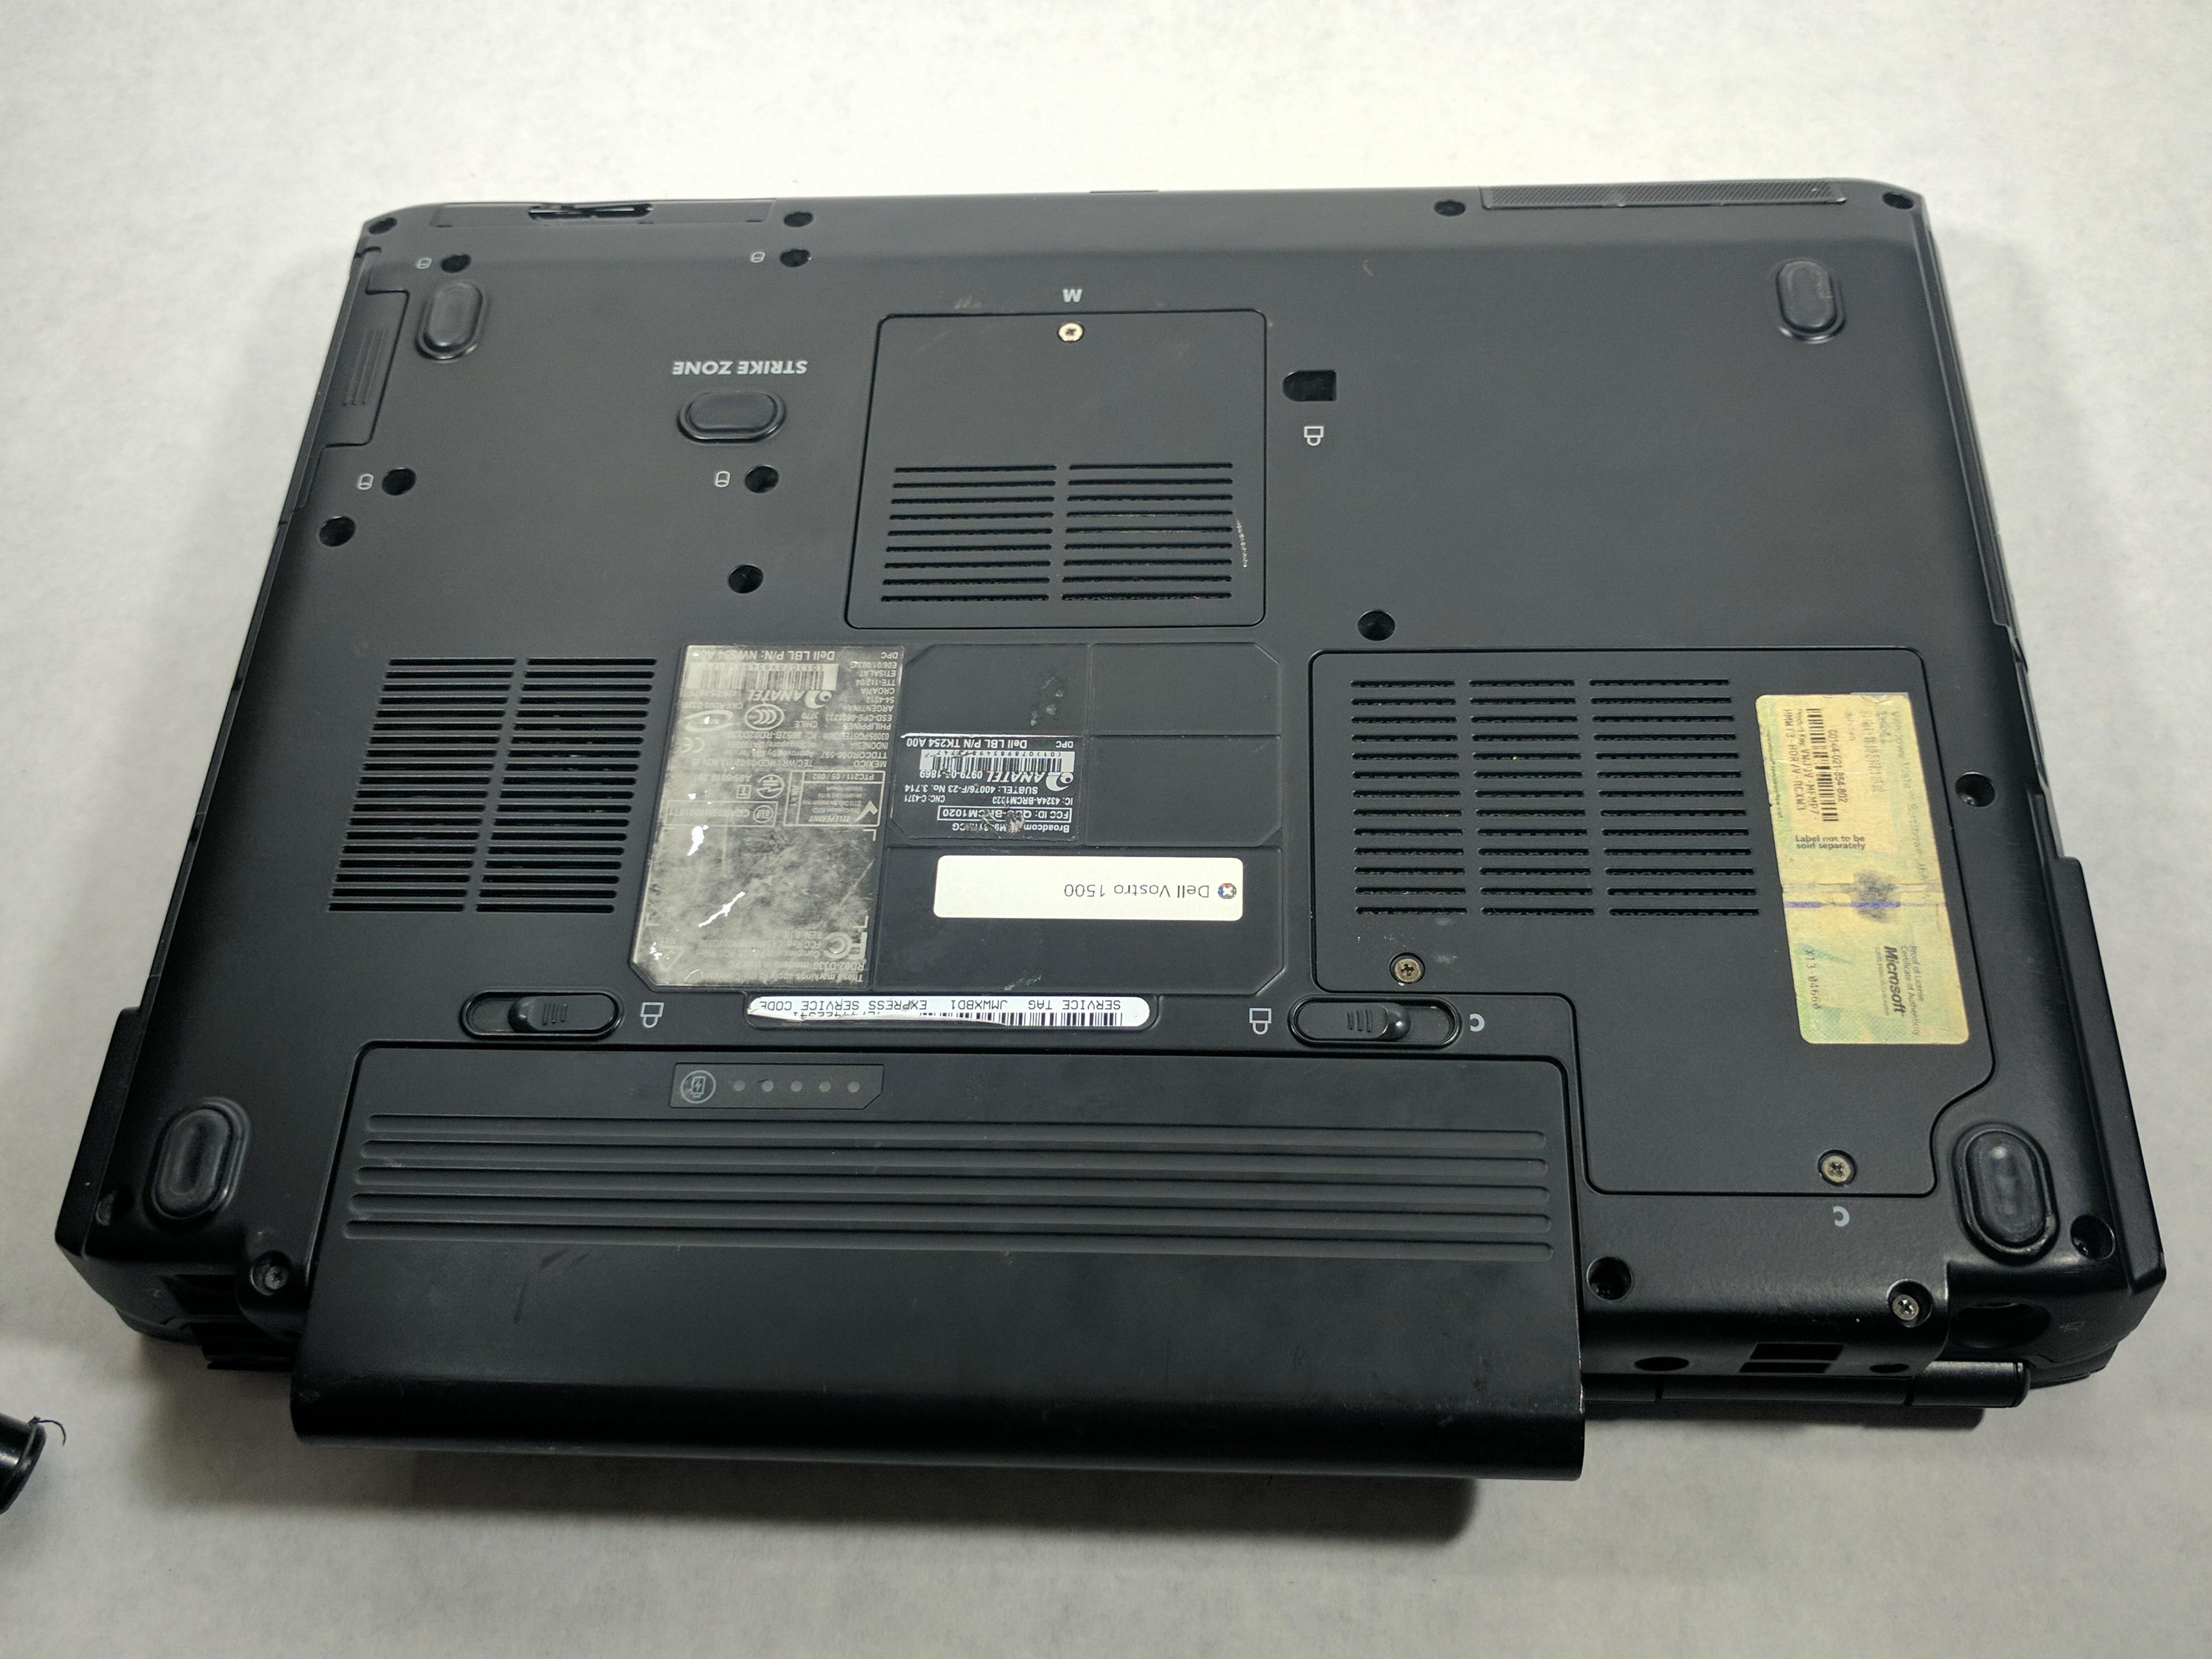 dell vostro 1500 repair ifixit rh ifixit com Dell Vostro 2520 Dell Vostro Laptop